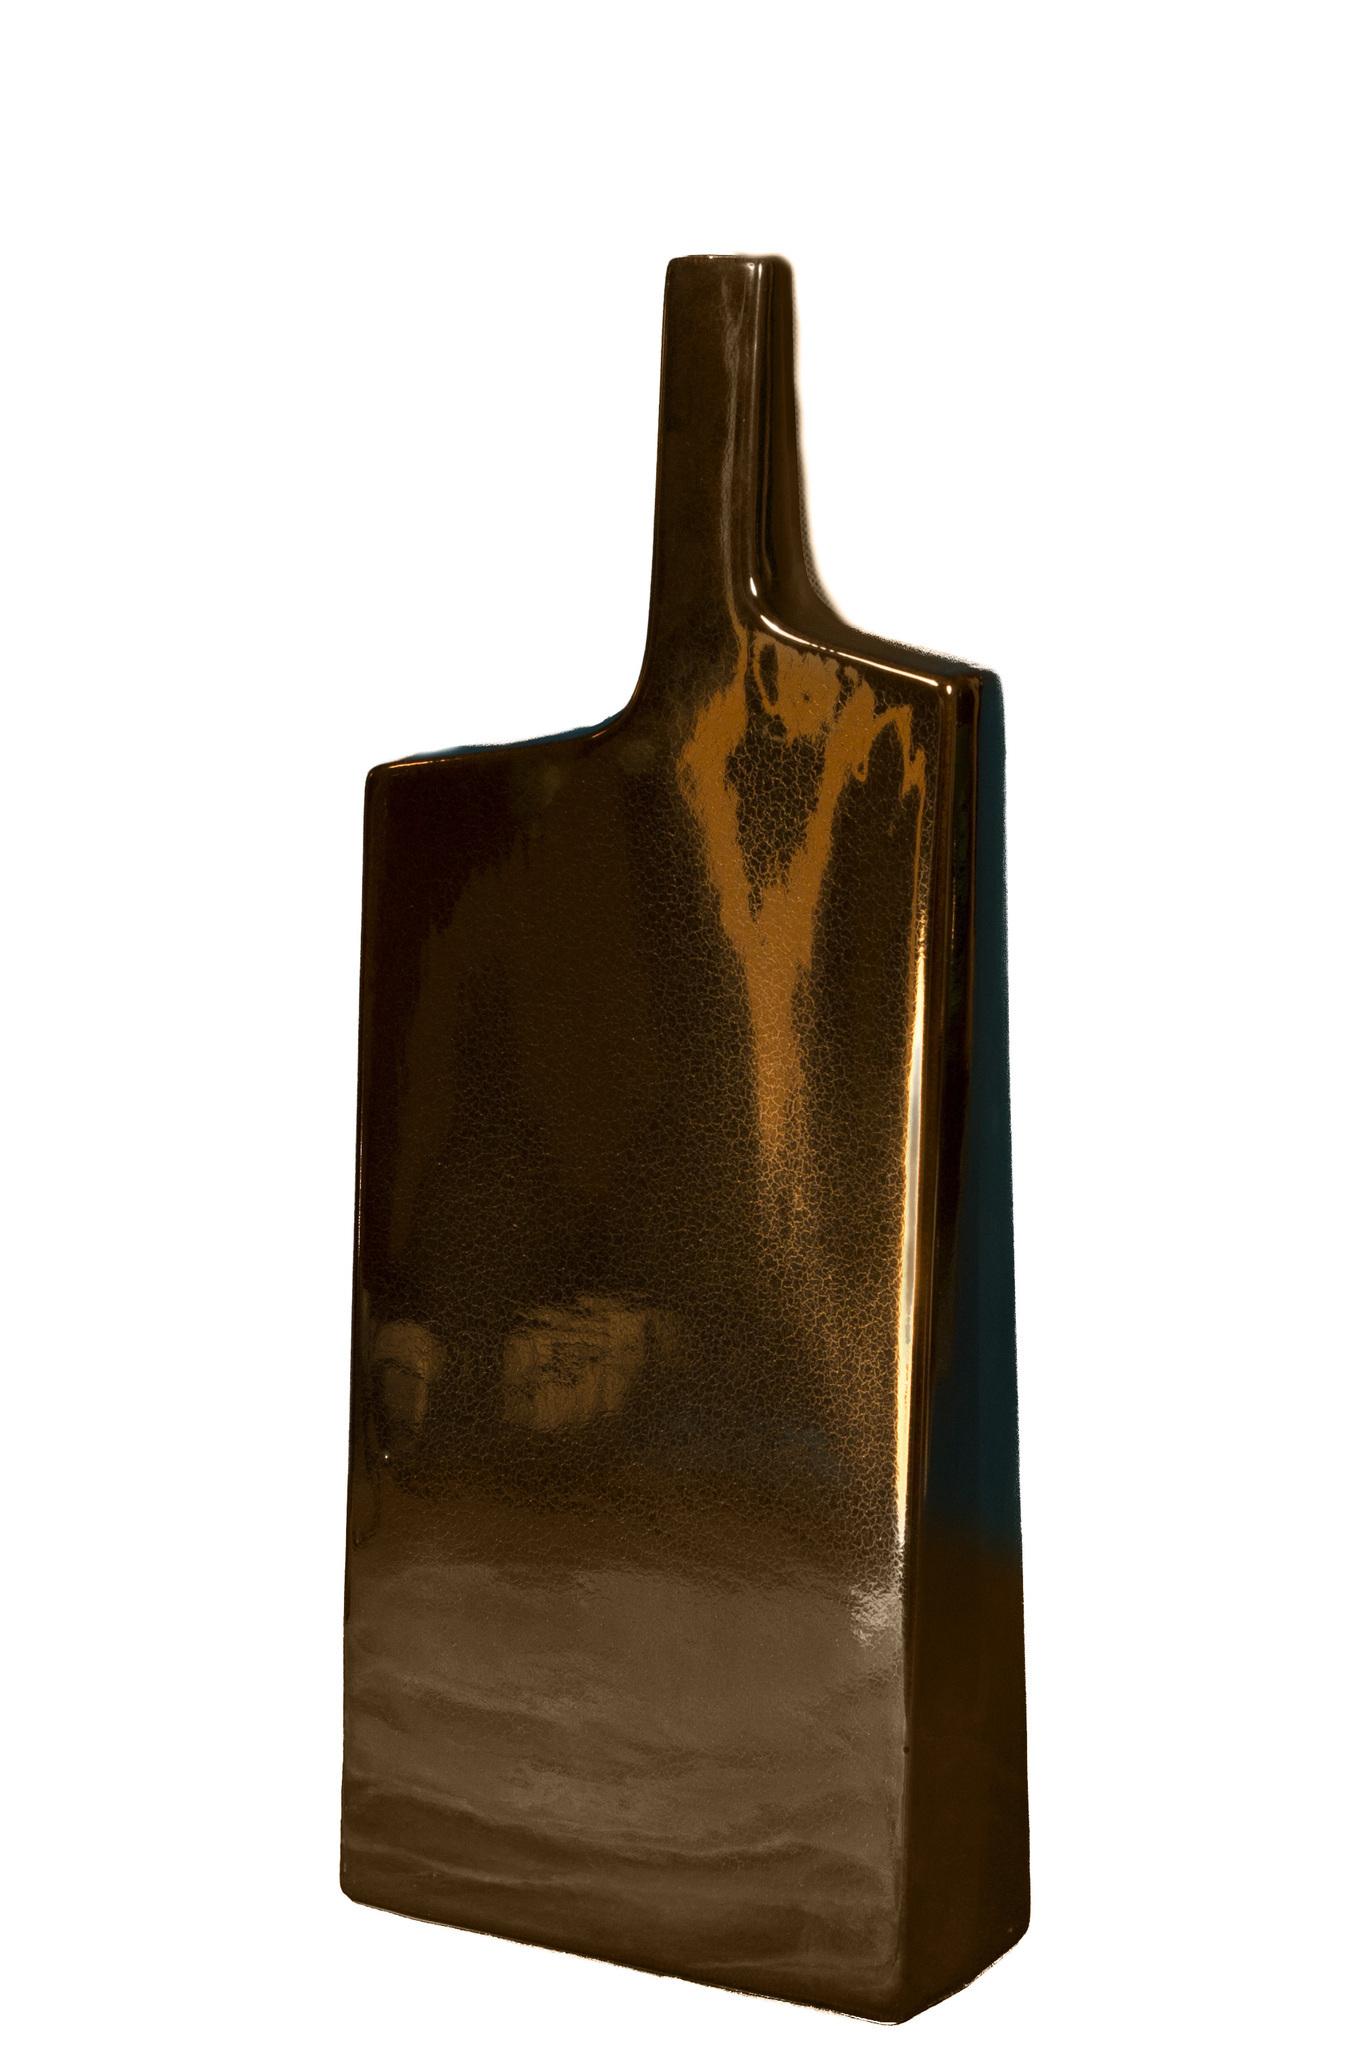 Вазы настольные Элитная ваза декоративная Fine Gold от S. Bernardo vaza-dekorativnaya-fine-gold-ot-s-bernardo-iz-portugalii.jpg